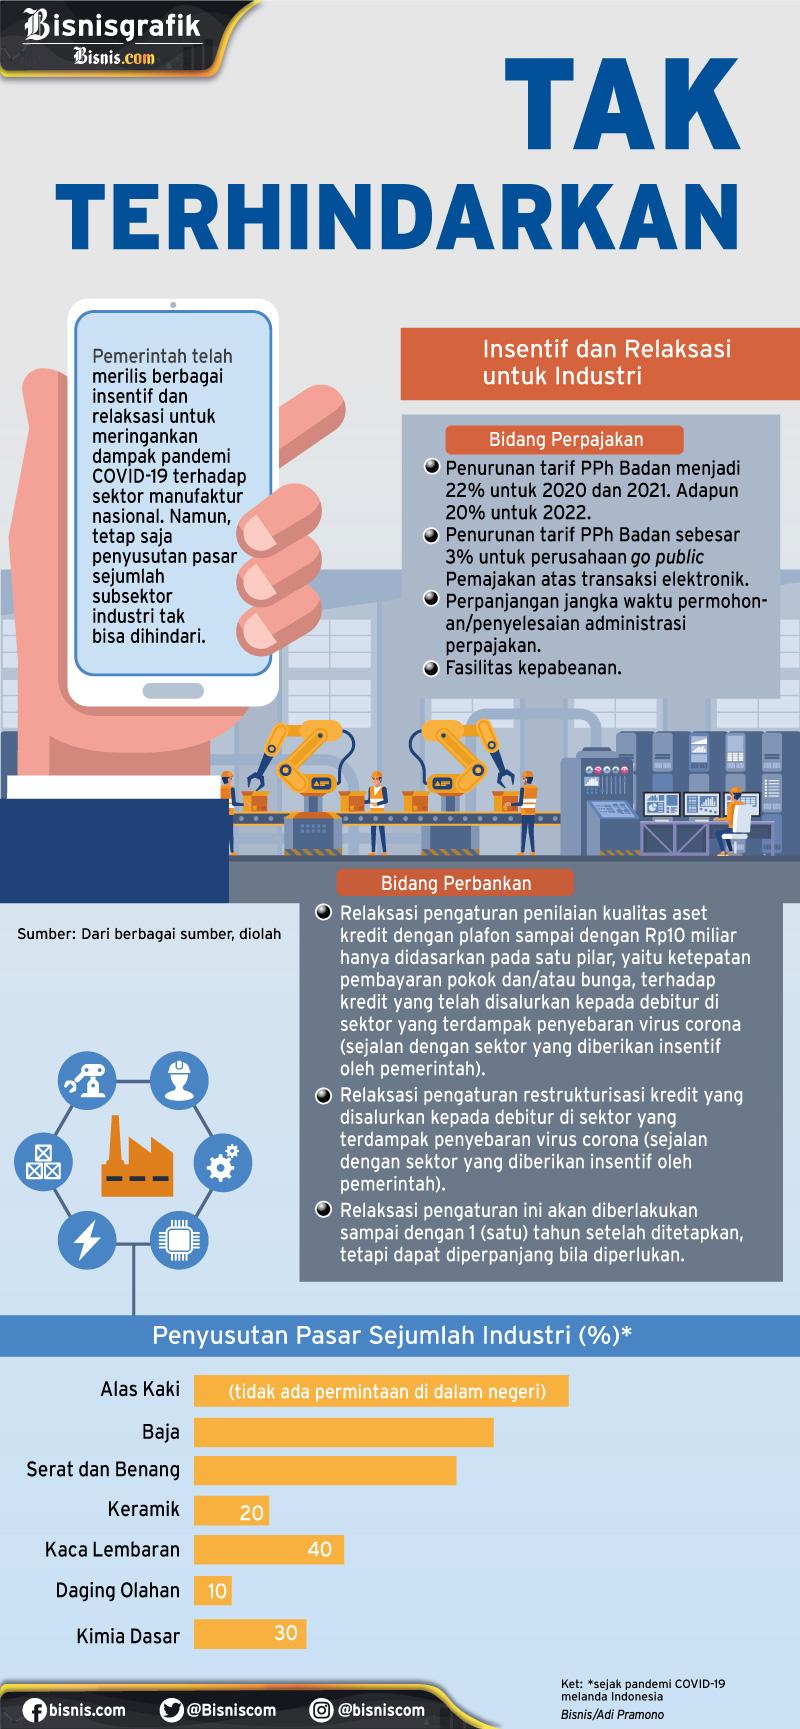 Bangkit Dari Tekanan Pandemi Covid 19 Kuncinya Inovasi Bisnis Ekonomi Bisnis Com